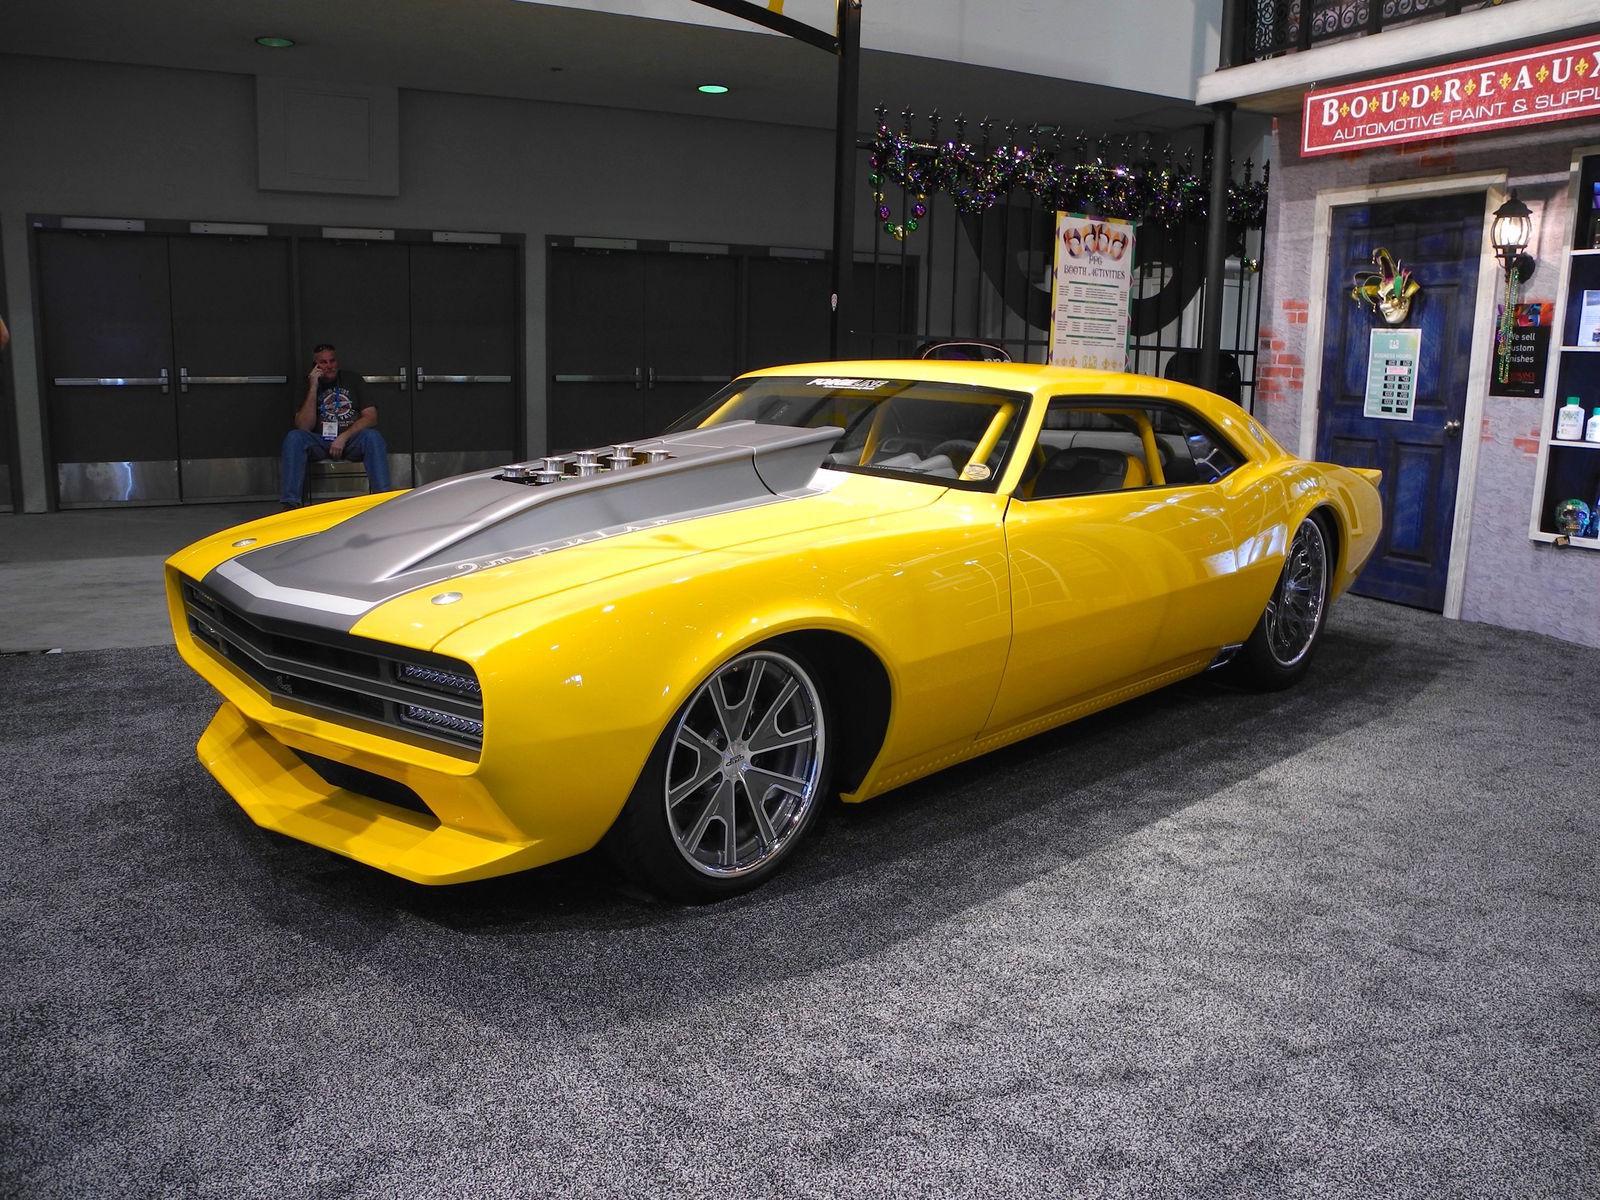 1968 Chevrolet Camaro | Bonnell's Rod Shop